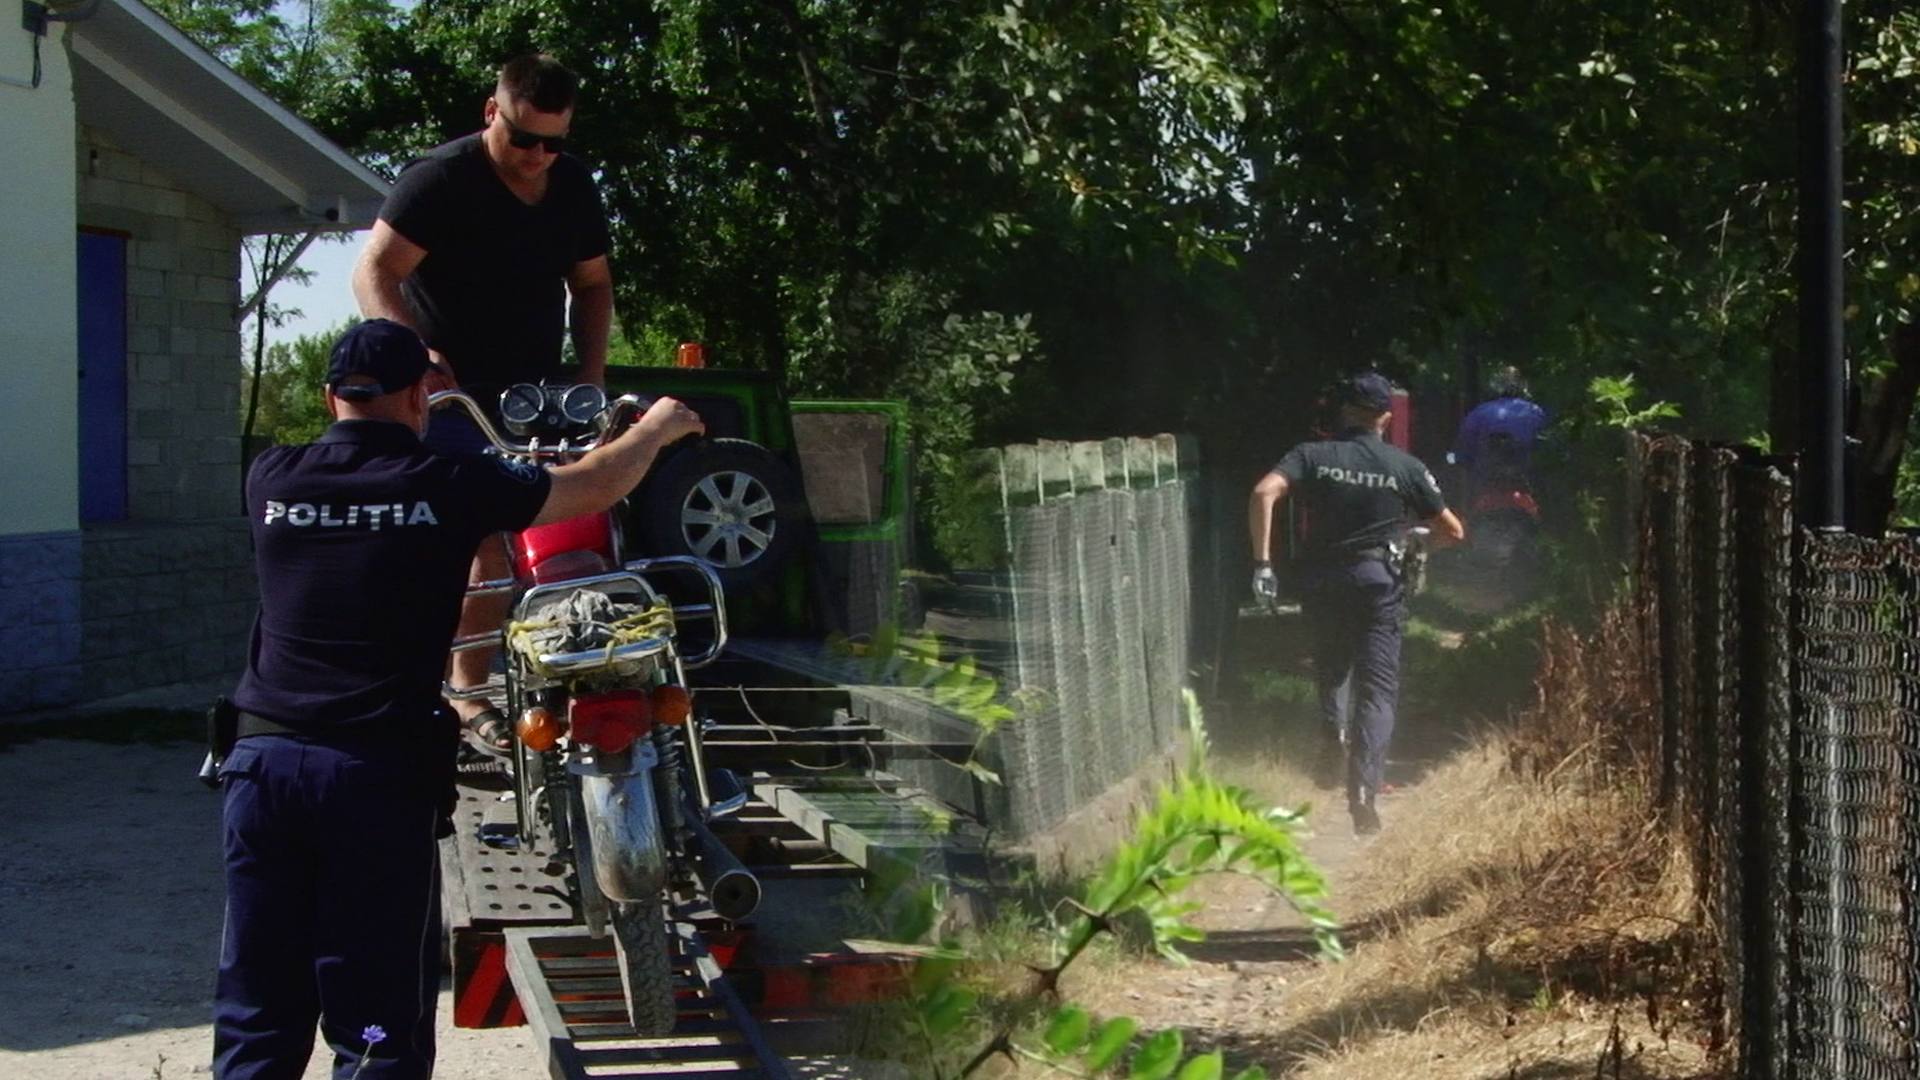 VIDEO | O razie a poliției la Briceni i-a făcut pe mai mulți motocicliști pietoni. Un motociclist a dat bir cu fugiții